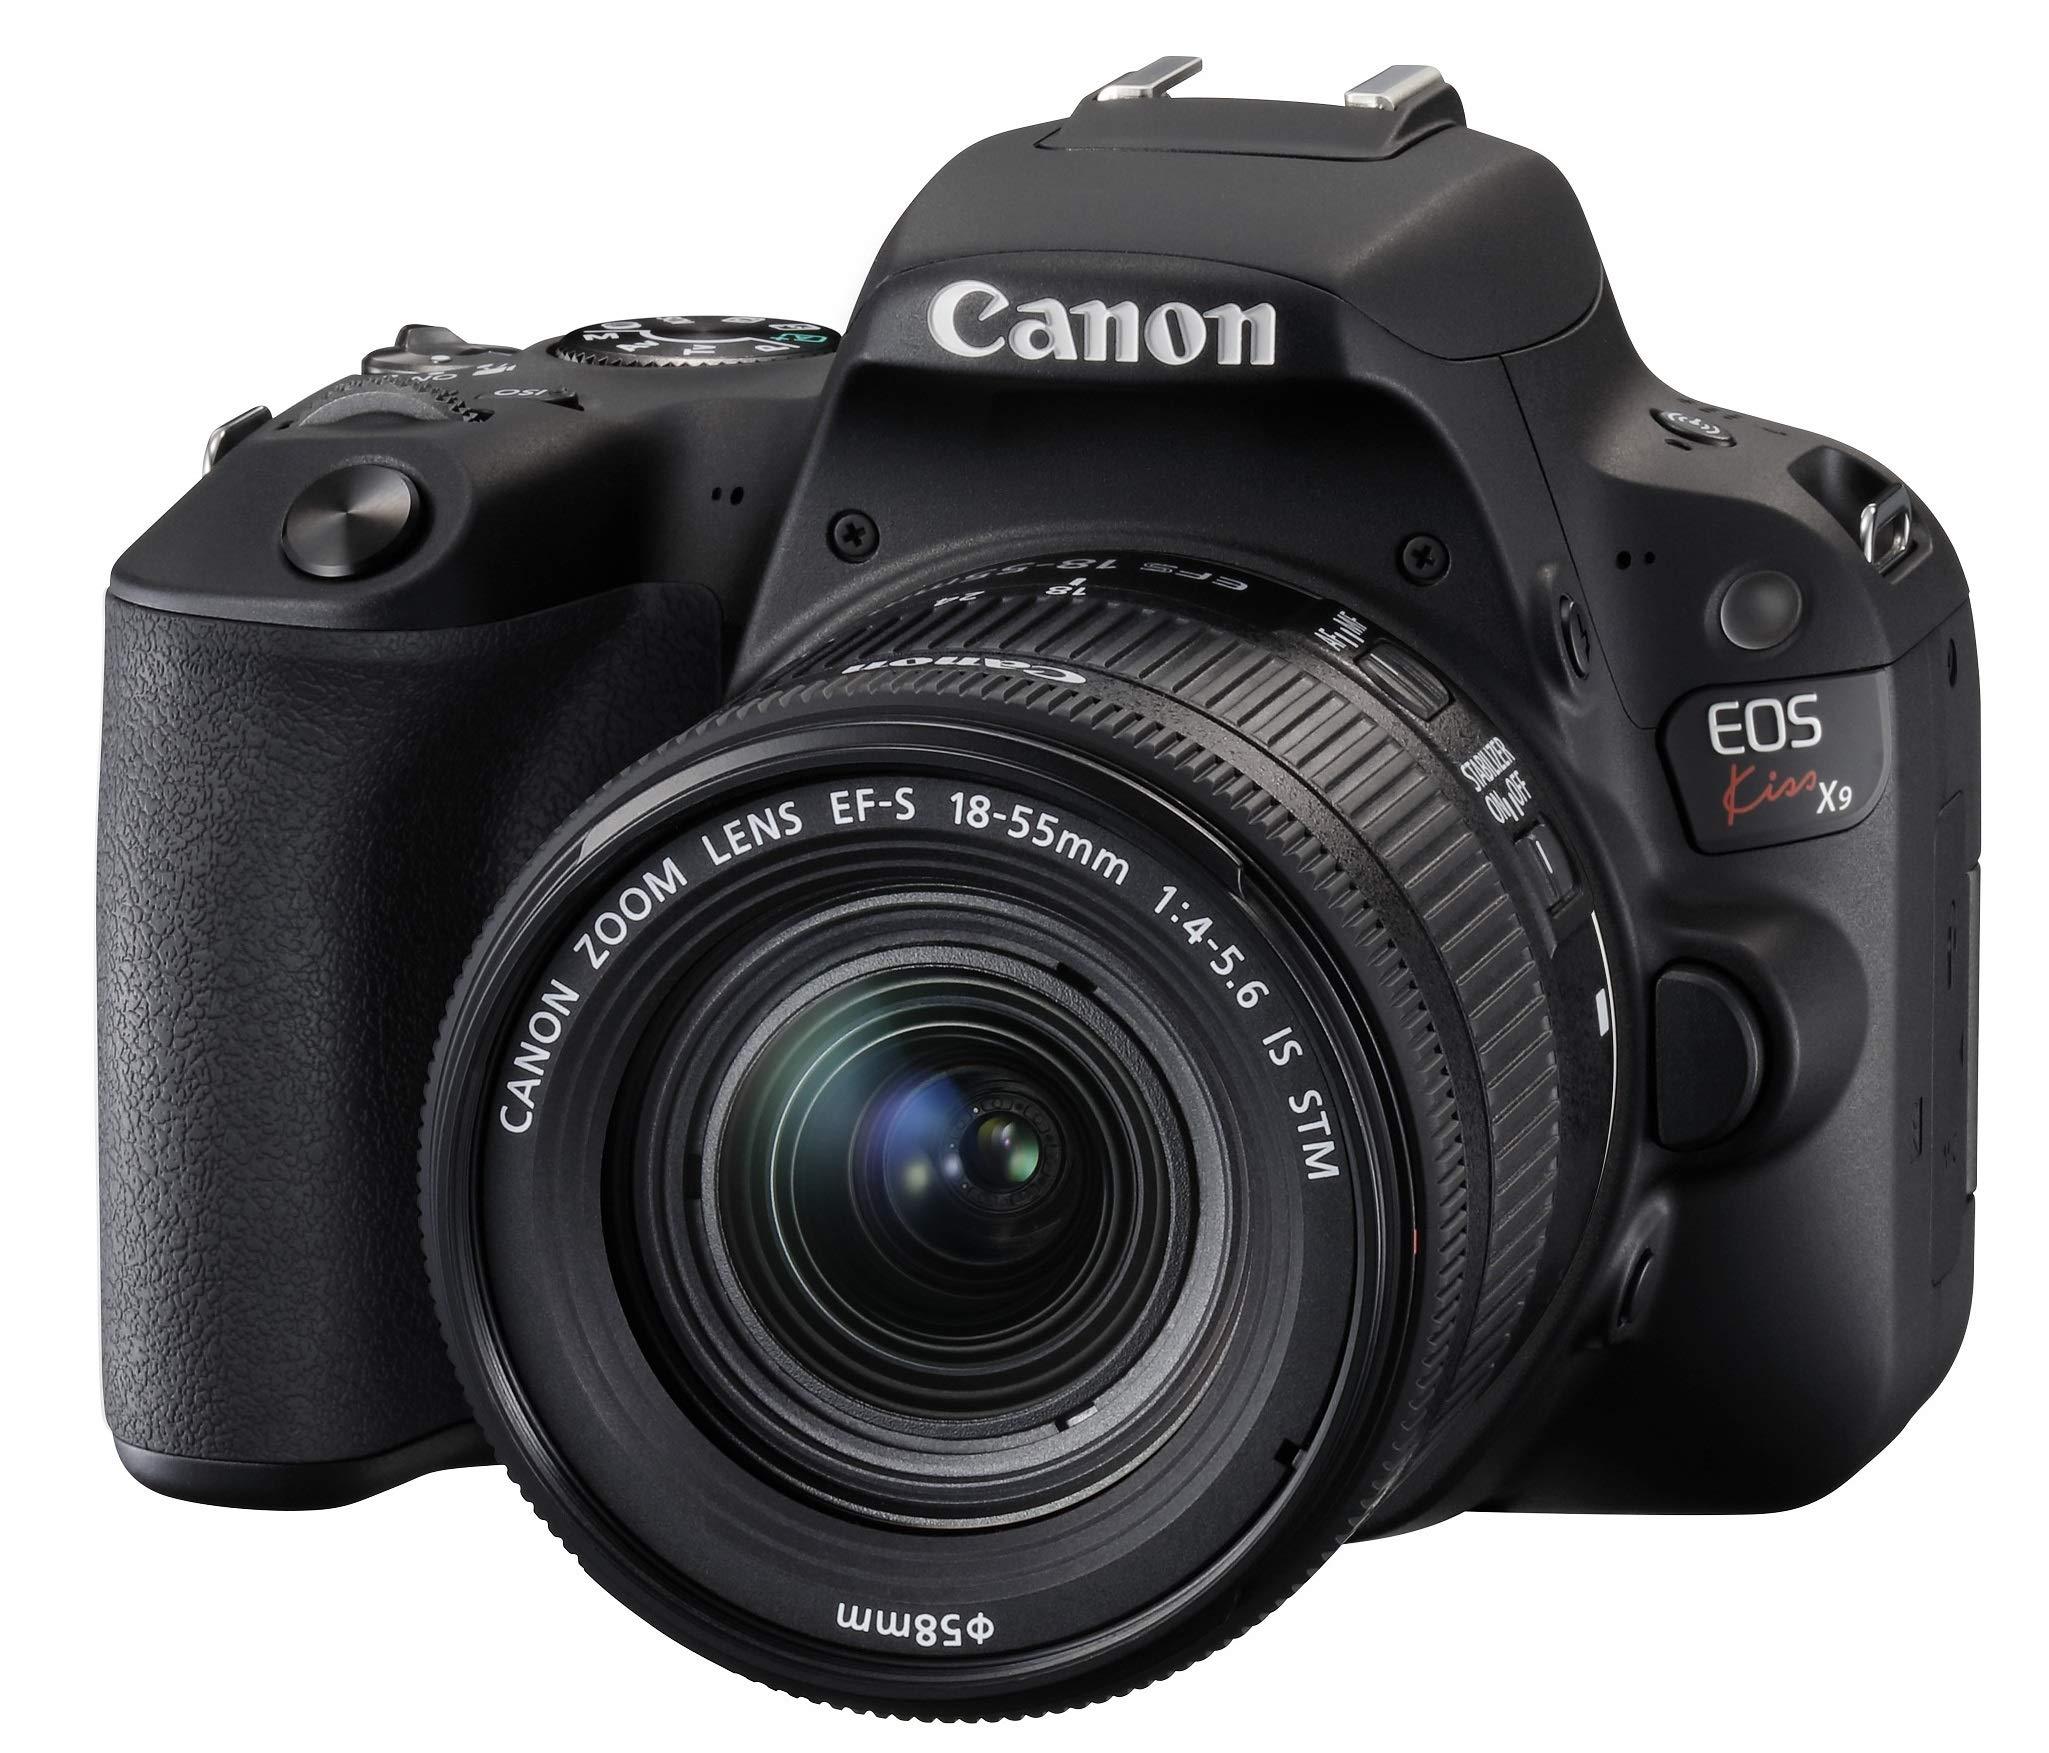 Canon デジタル一眼レフカメラ EOS Kiss X9 EF-S18-55 IS STM レンズキット(ブラック) KISSX9BK1855F4ISSTML product image